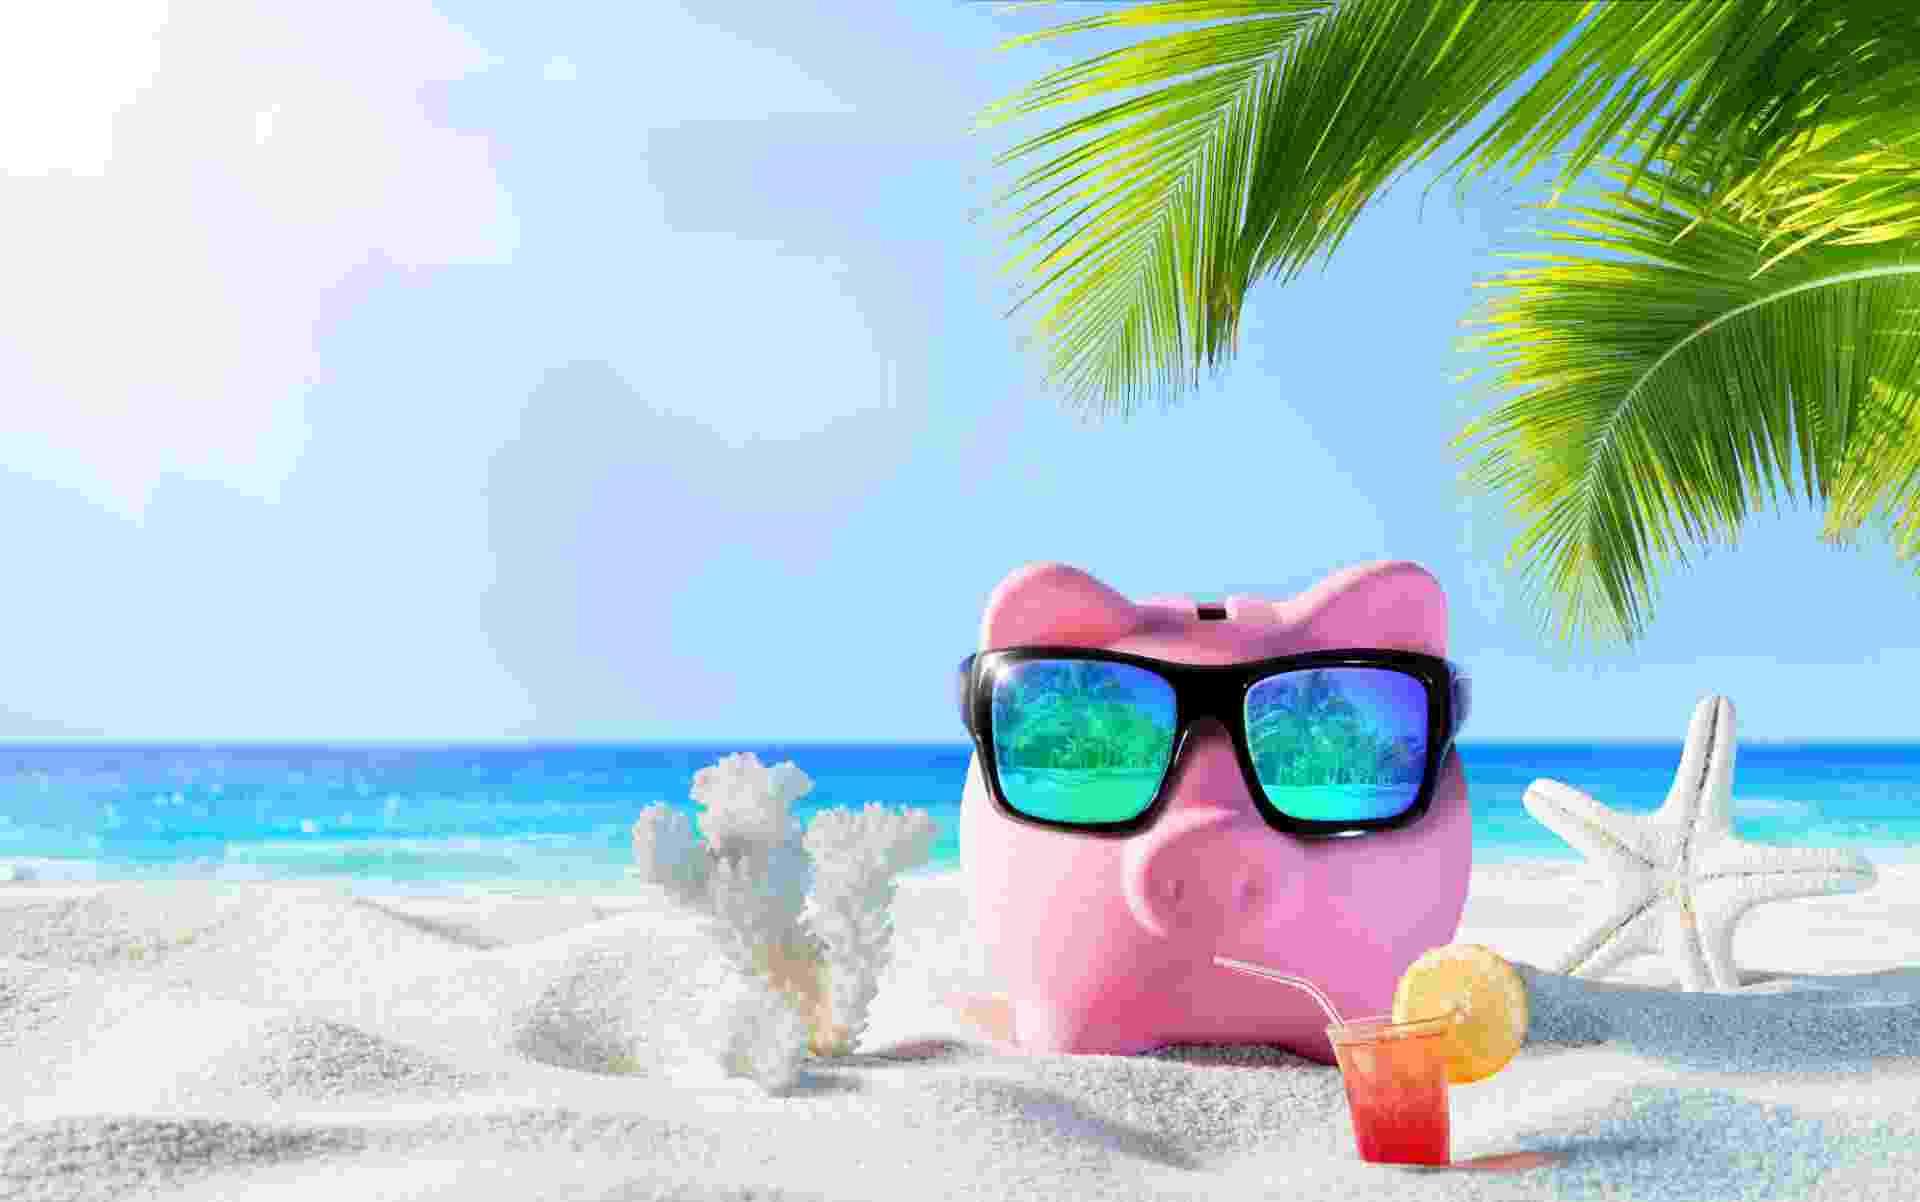 Porquinho na praia, dinheiro, férias, finanças - Getty Images/iStockphoto/RomoloTavani